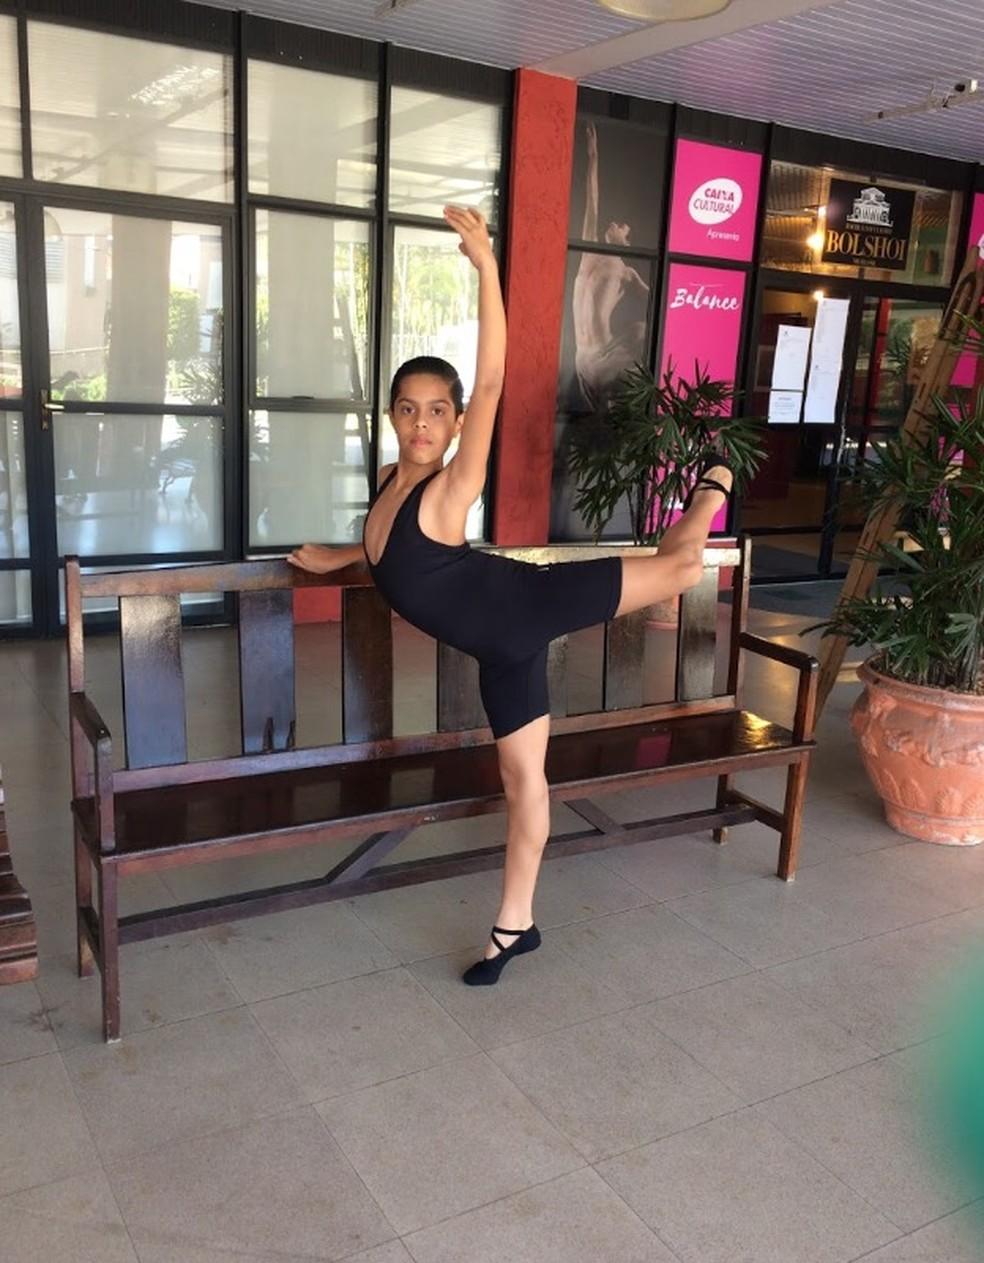 Caio Jullyano faz balé há um ano — Foto: Caio Jullyano/ Arquivo pessoal